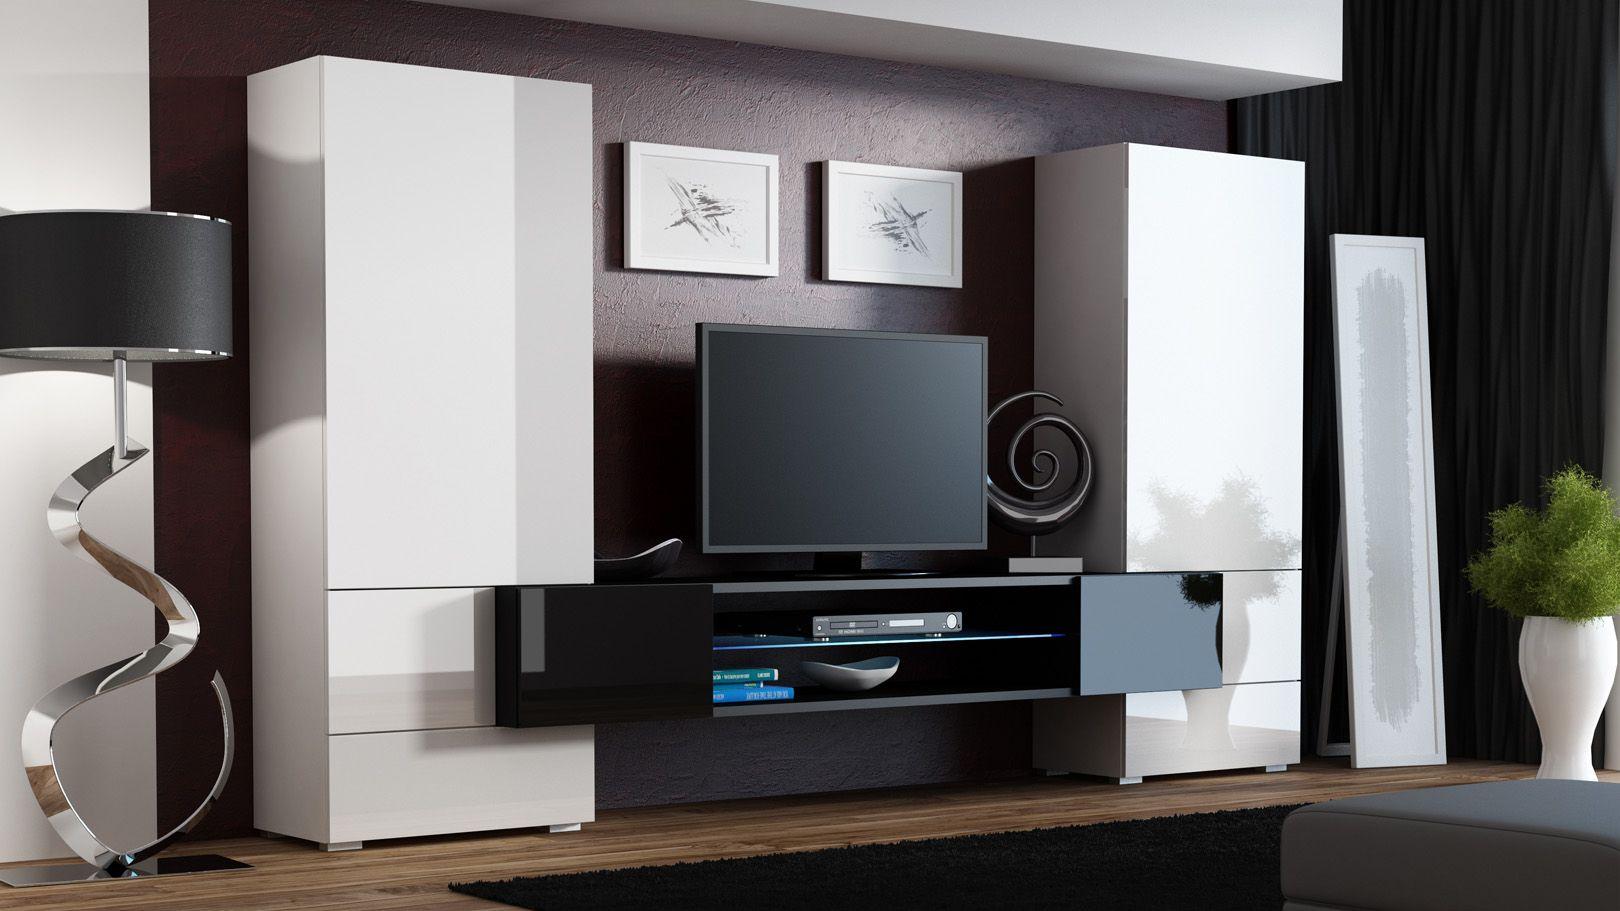 Roche 10 - wohnwand kaufen  Muebles minimalistas, Muebles para tv